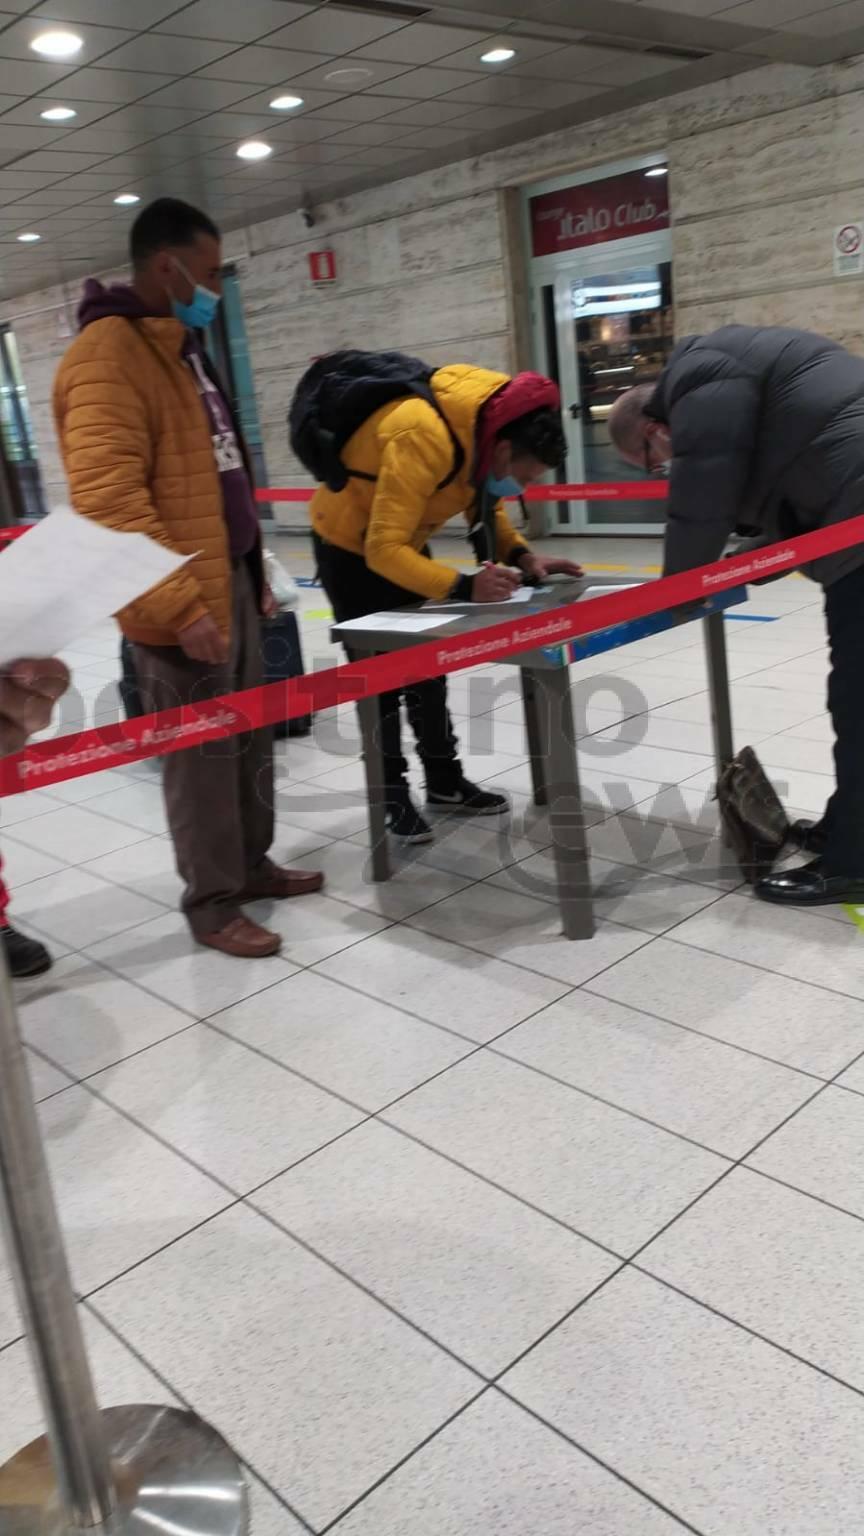 Napoli, aeroporto di Capodichino: pochi controlli anche in zona rossa